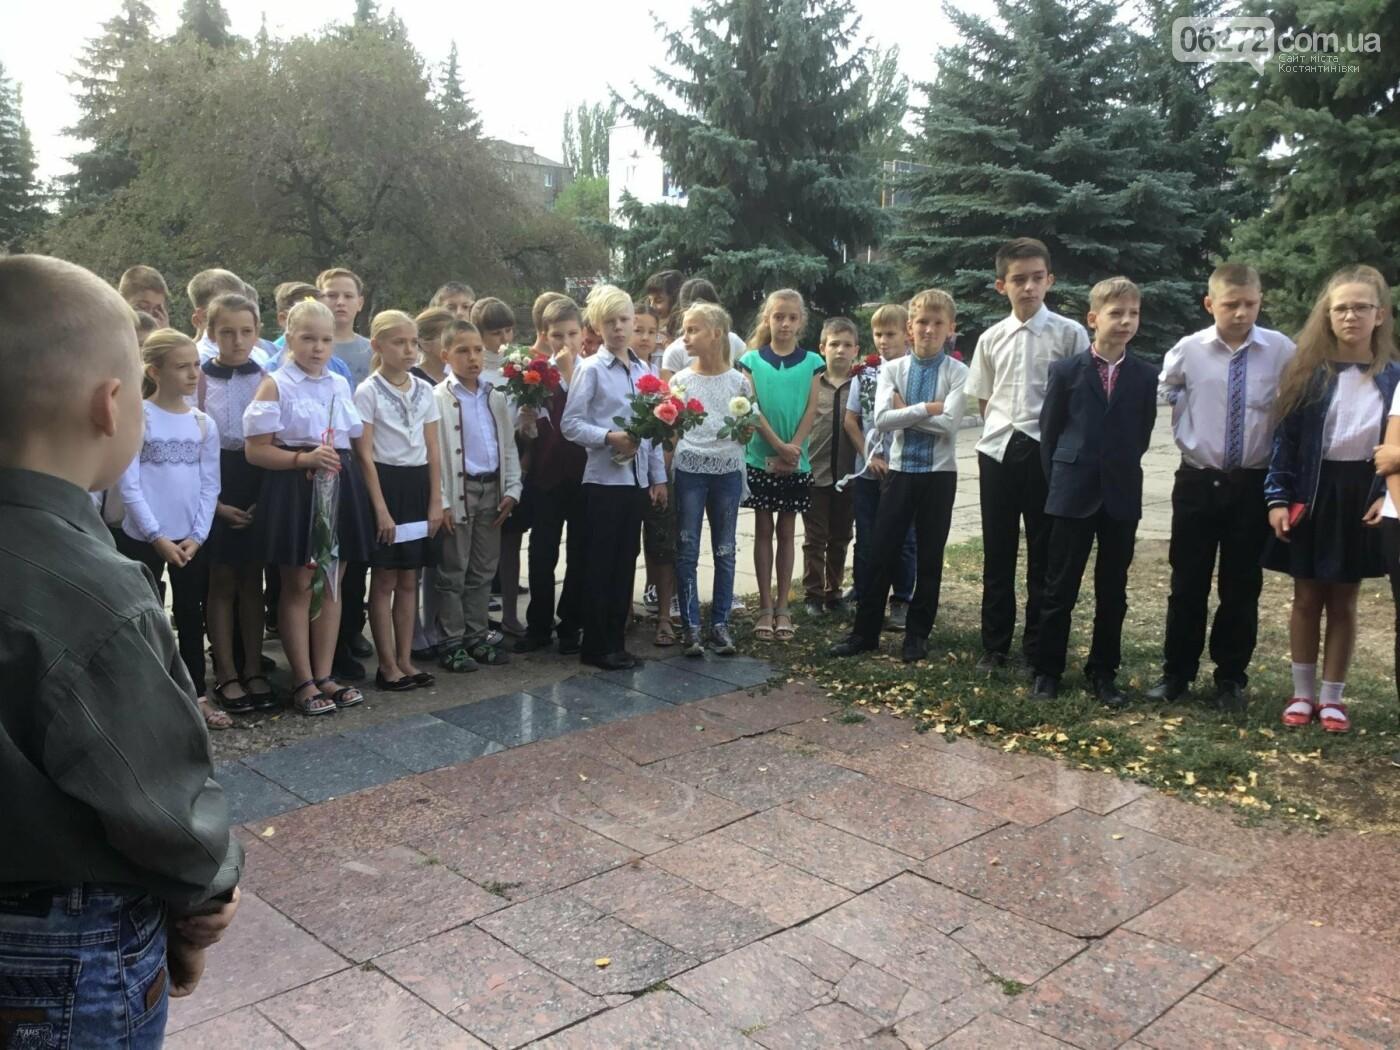 Школярі Костянтинівського ліцею вшанували пам'ять загиблих воїнів, фото-5